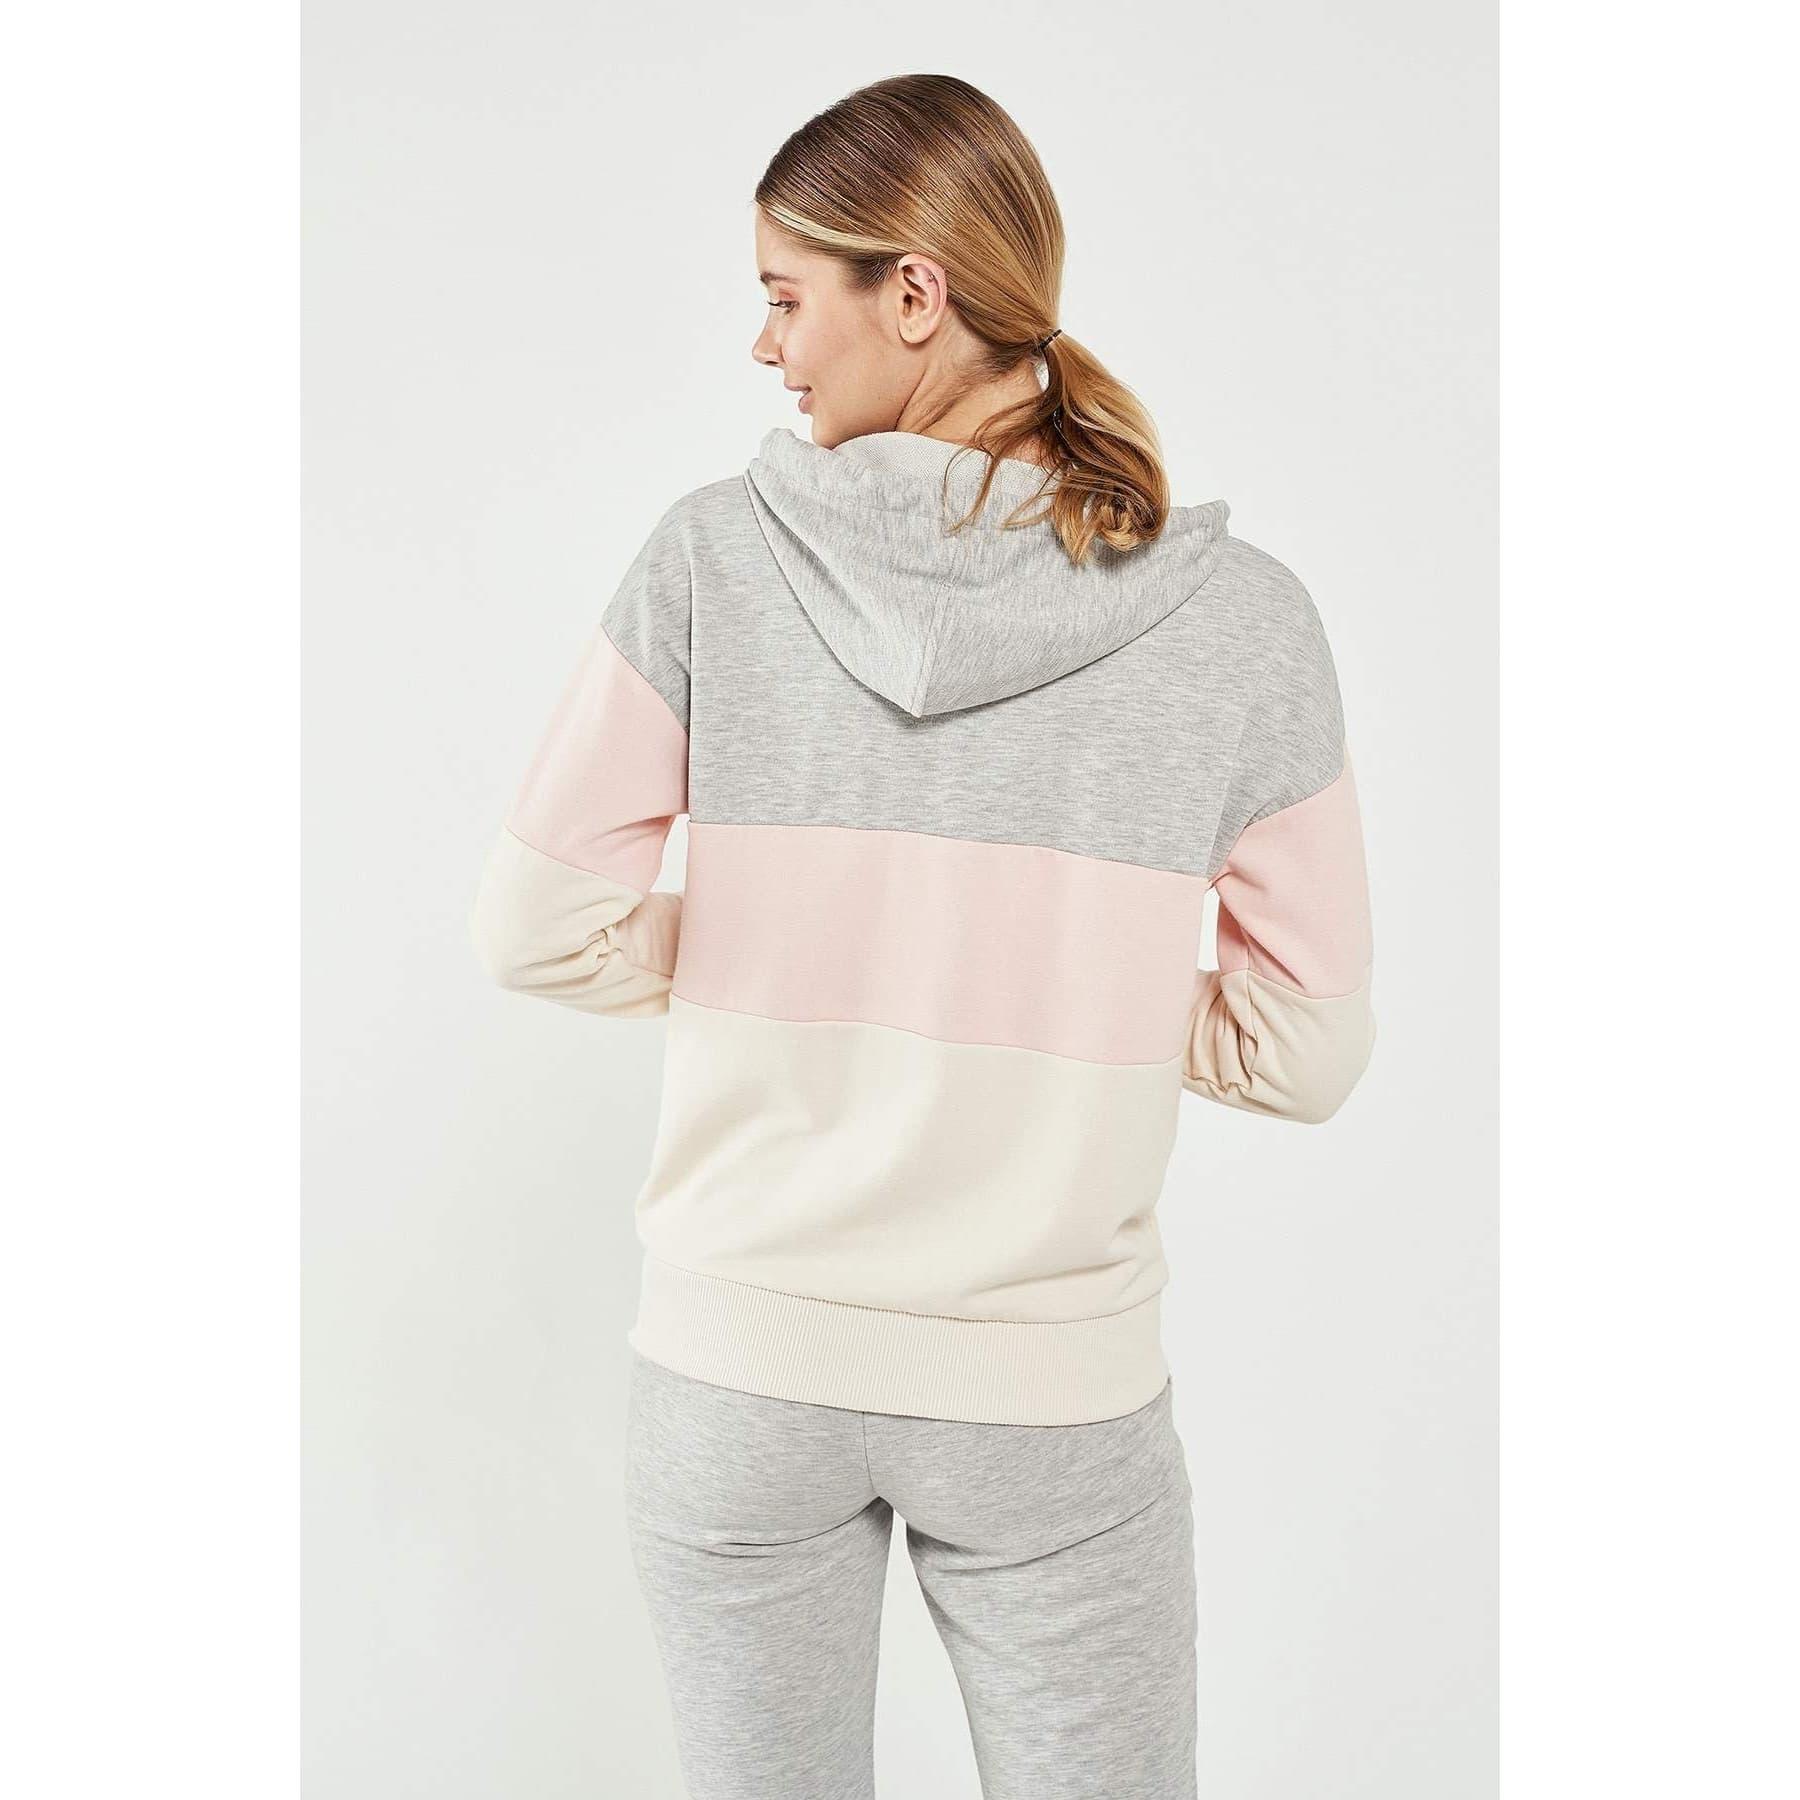 Gozetti Kadın Gri Fermuarlı Sweatshirt (921165-2010)